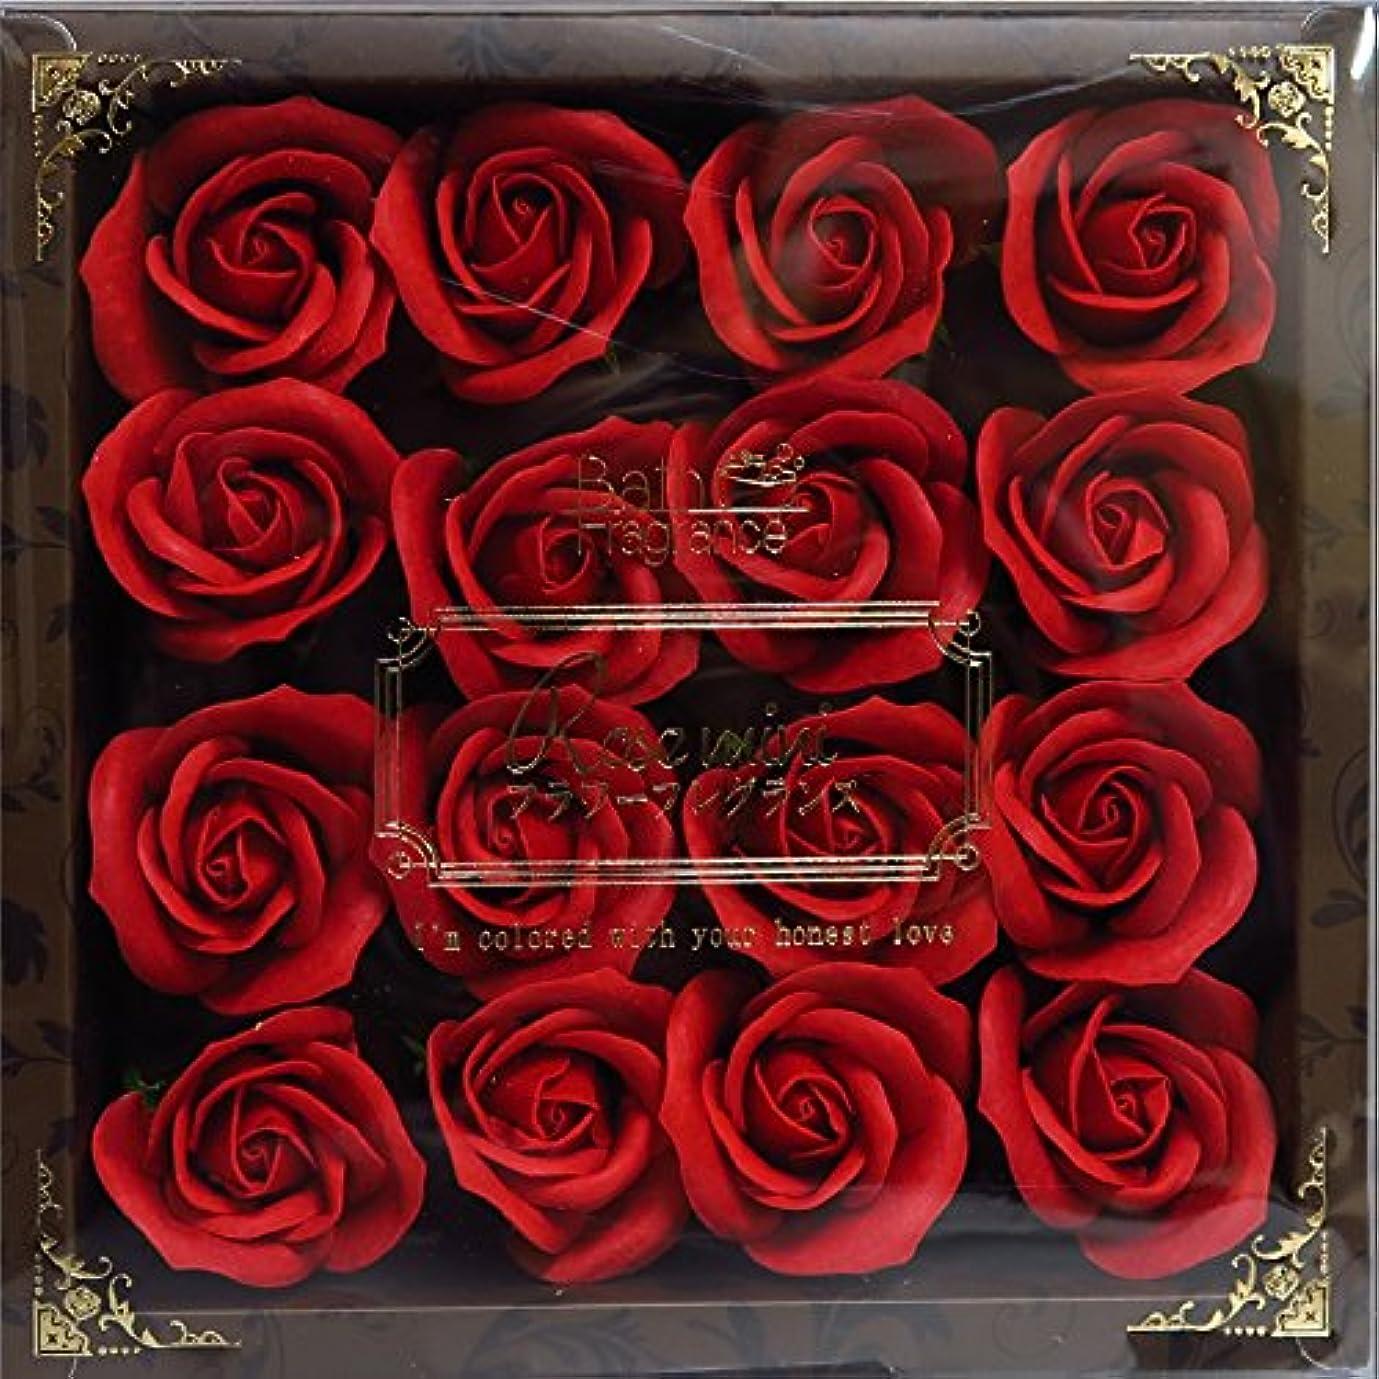 トランペットポットペンスバスフレグランス バスフラワー ミニローズフレグランス(M)レッド ギフト お花の形の入浴剤 プレゼント ばら